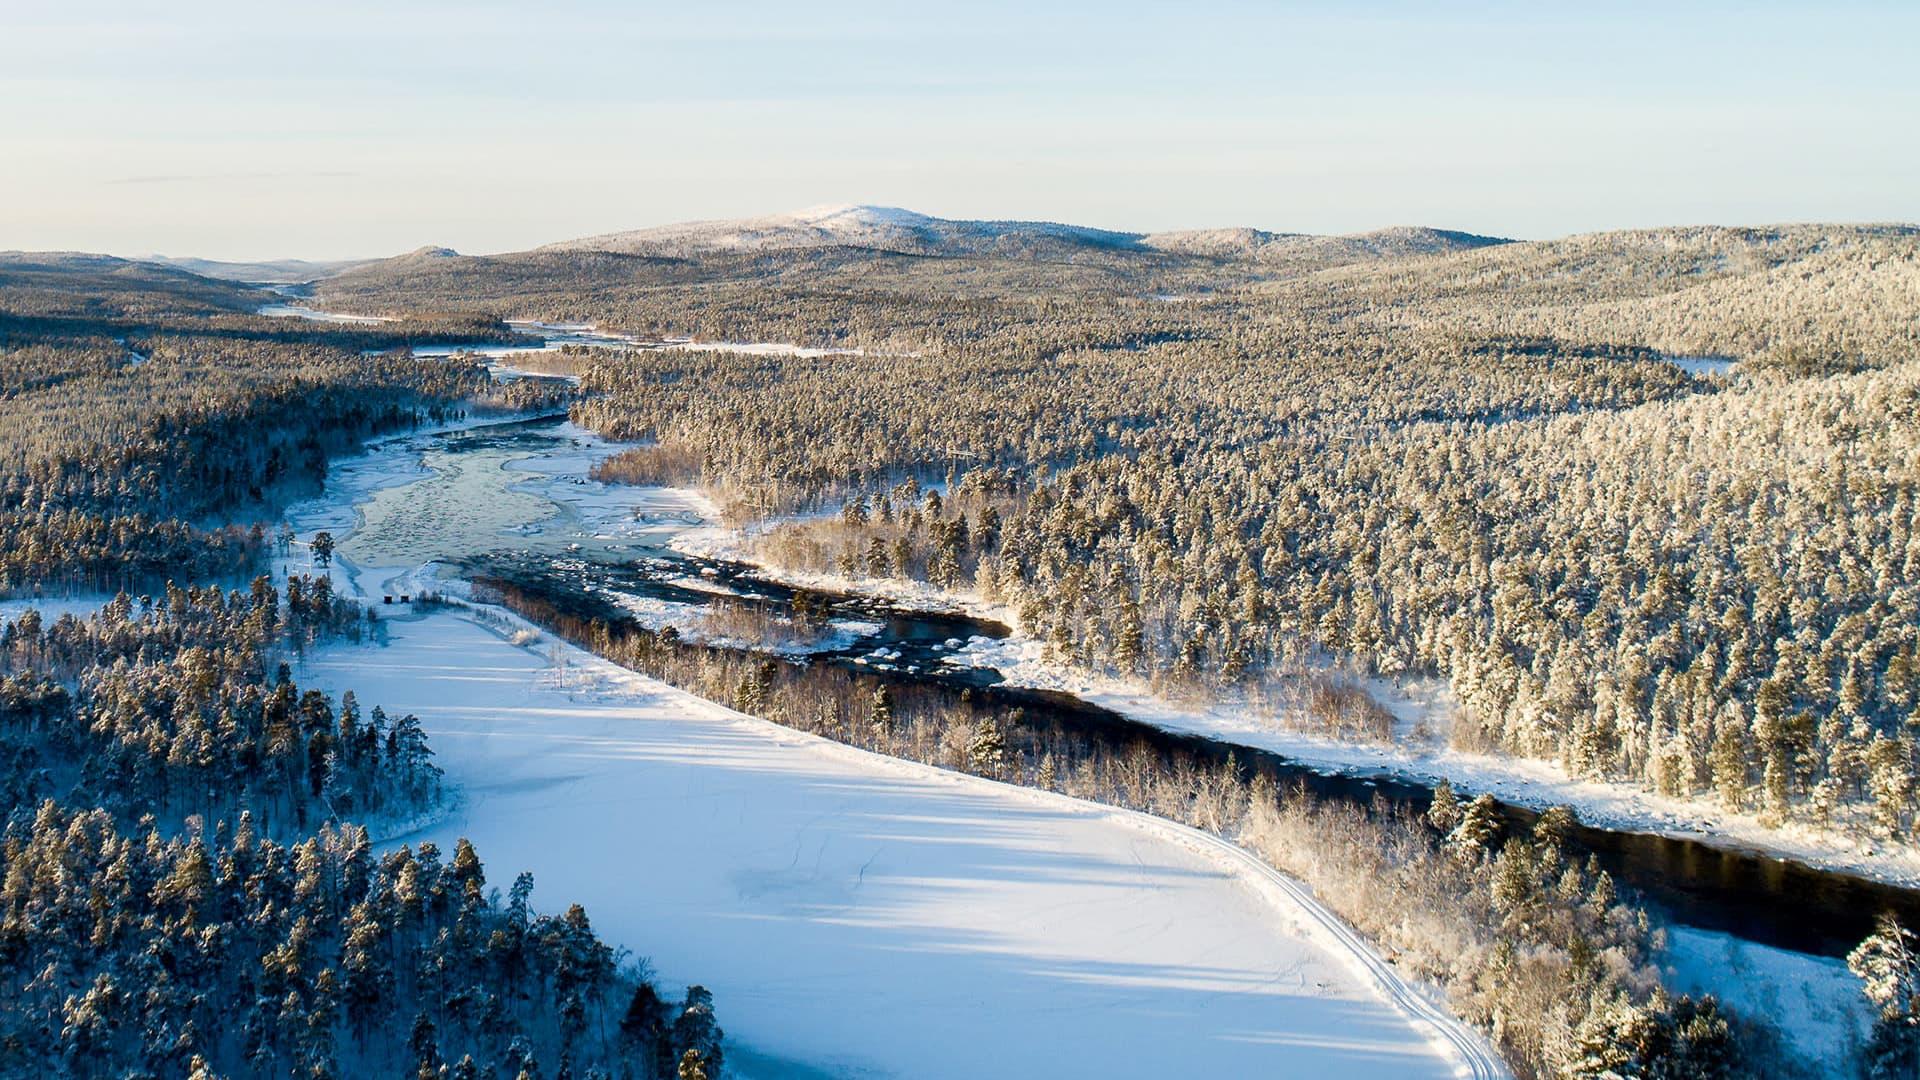 Juutuanjoki lokakuun lopussa 2019.